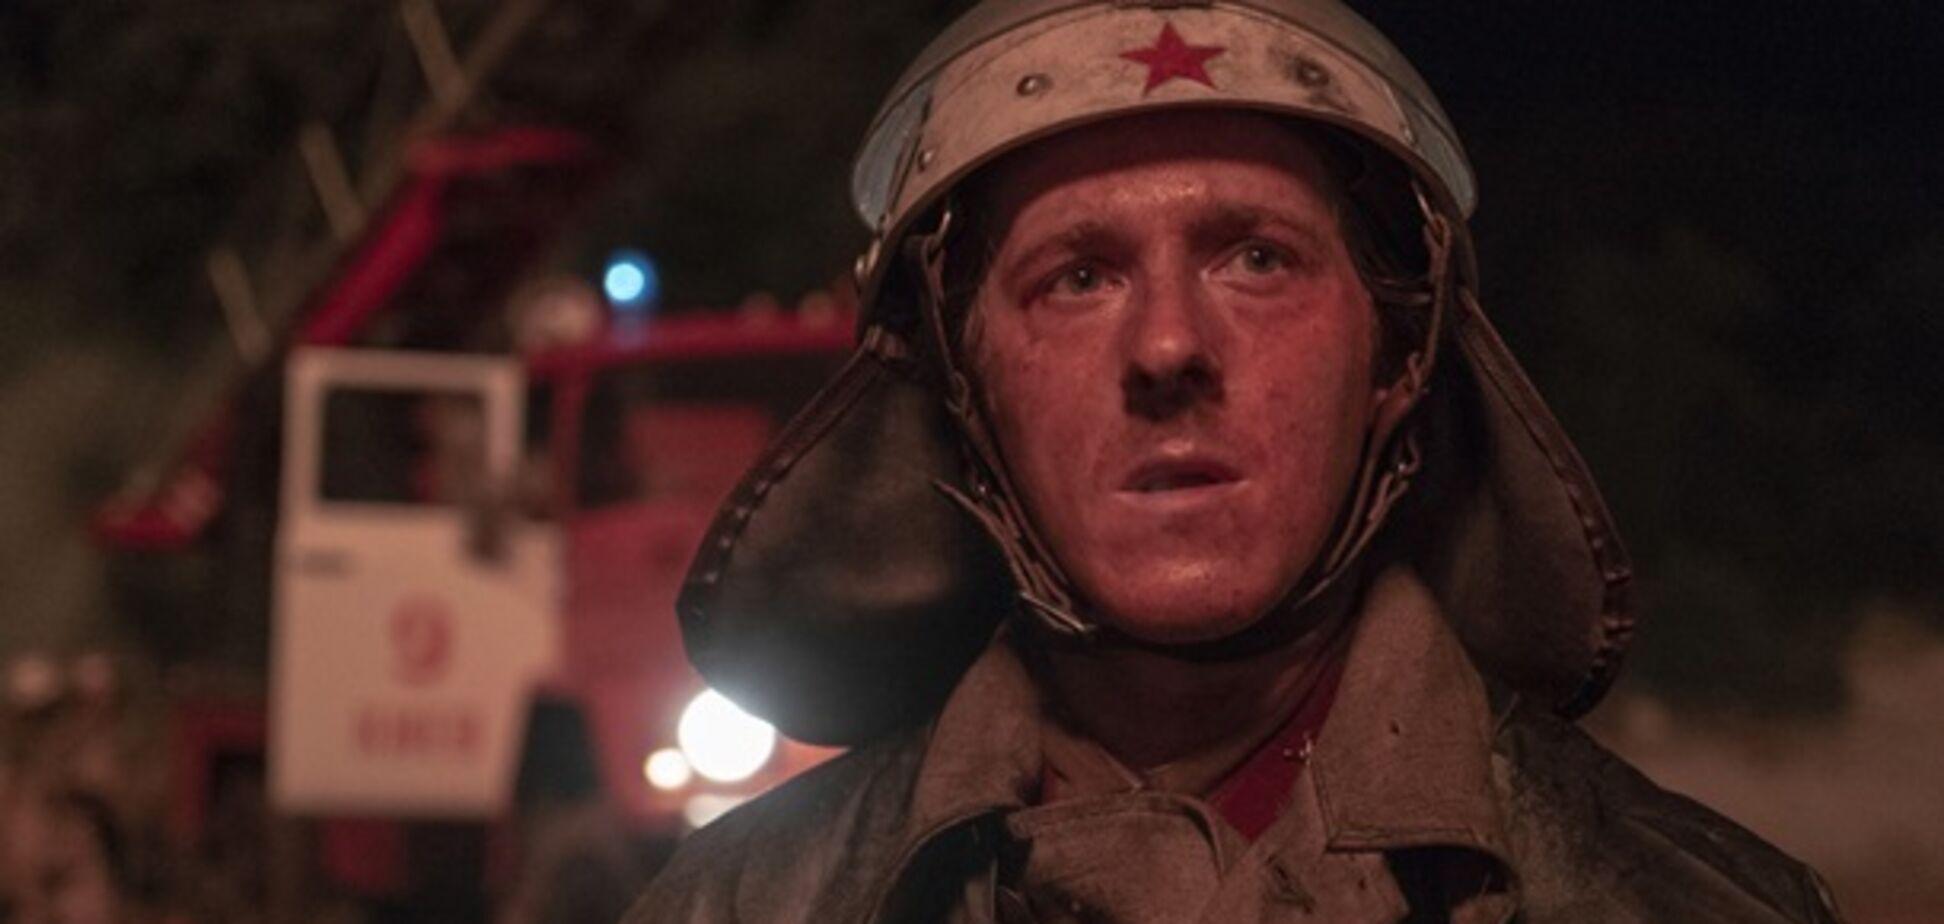 Сериал 'Чернобыль' завоевал три премии 'Эмми'